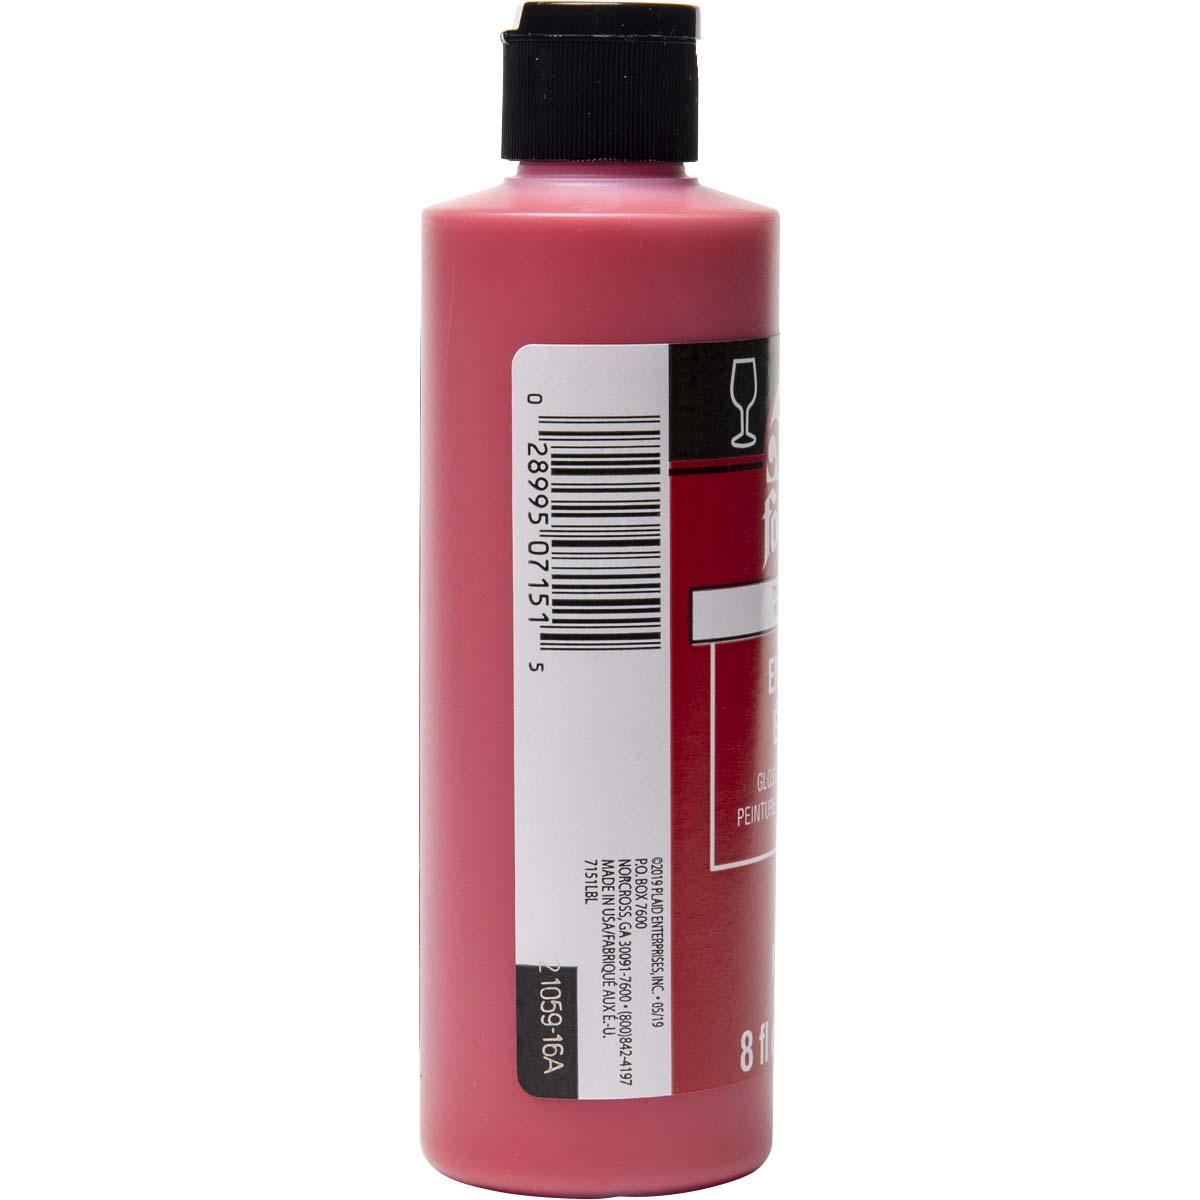 FolkArt ® Enamels™ - Lipstick Red, 8 oz. - 7151